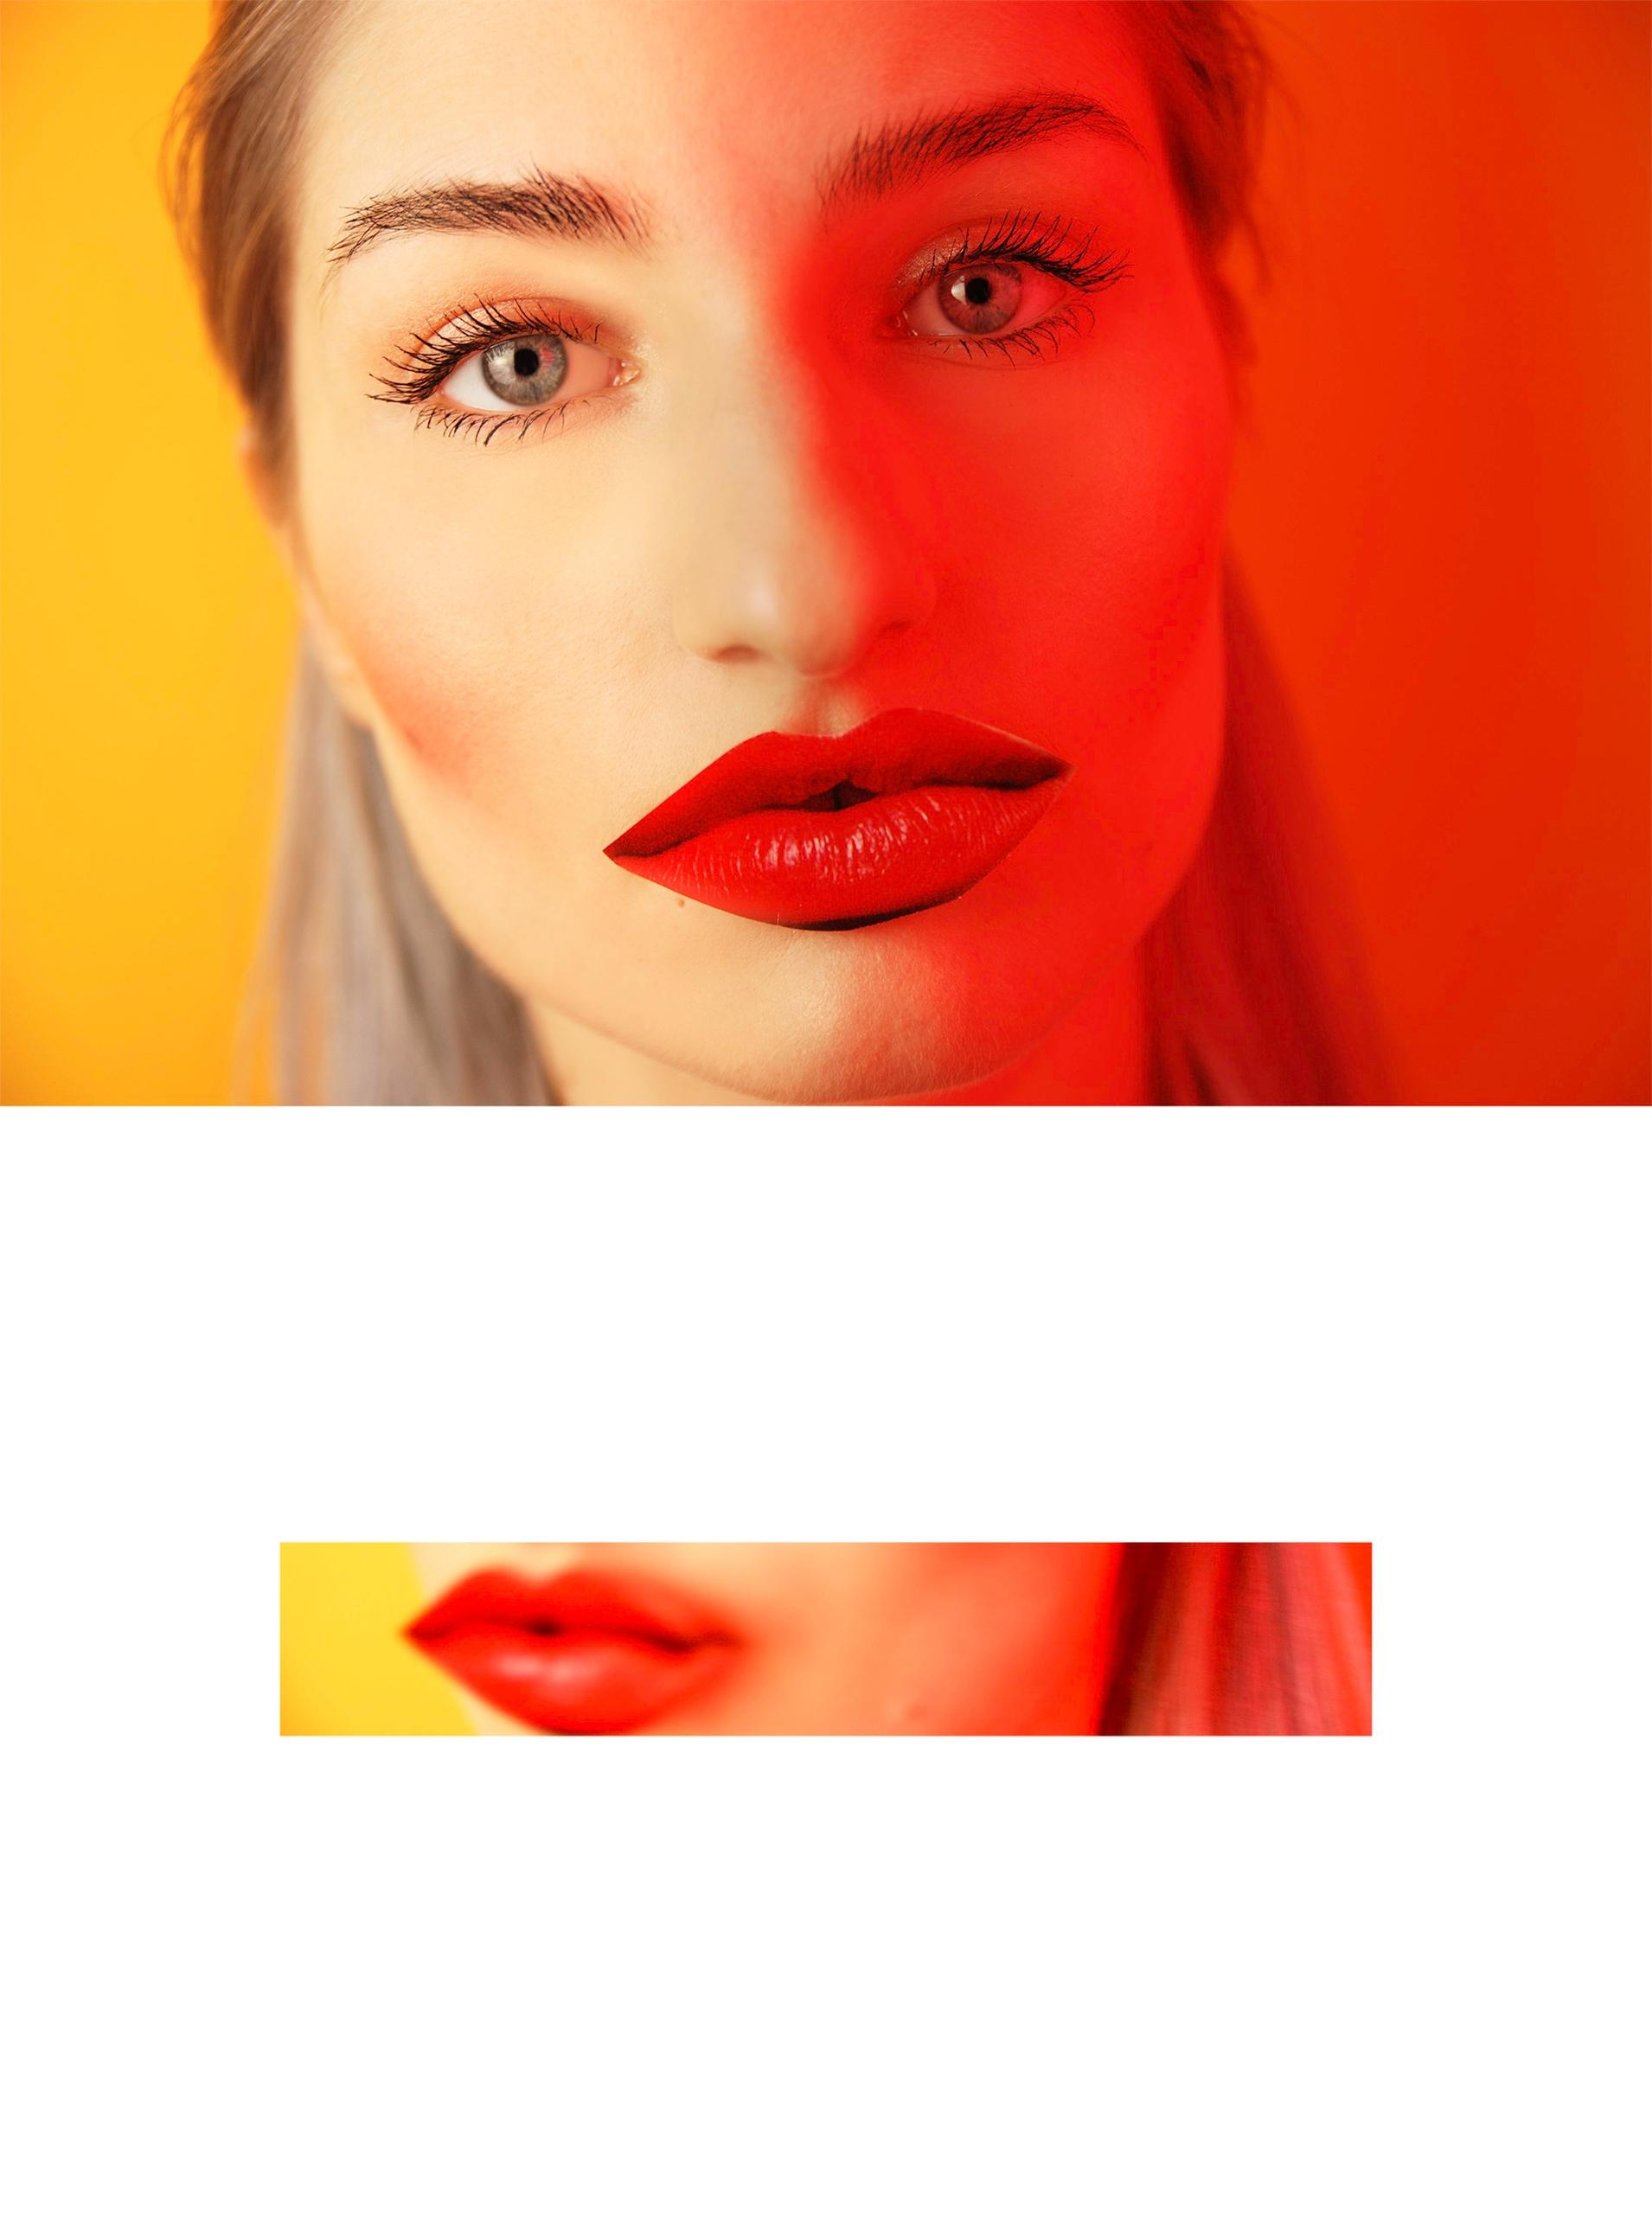 Obraz przedstawia dwa zdjęcia różnej wielkości, na jednym widzimy twarz kobiety oświetloną czerwonym światłem. Na mniejszym, podłużnym zdjęciu poniżej widzimy czerwone usta.